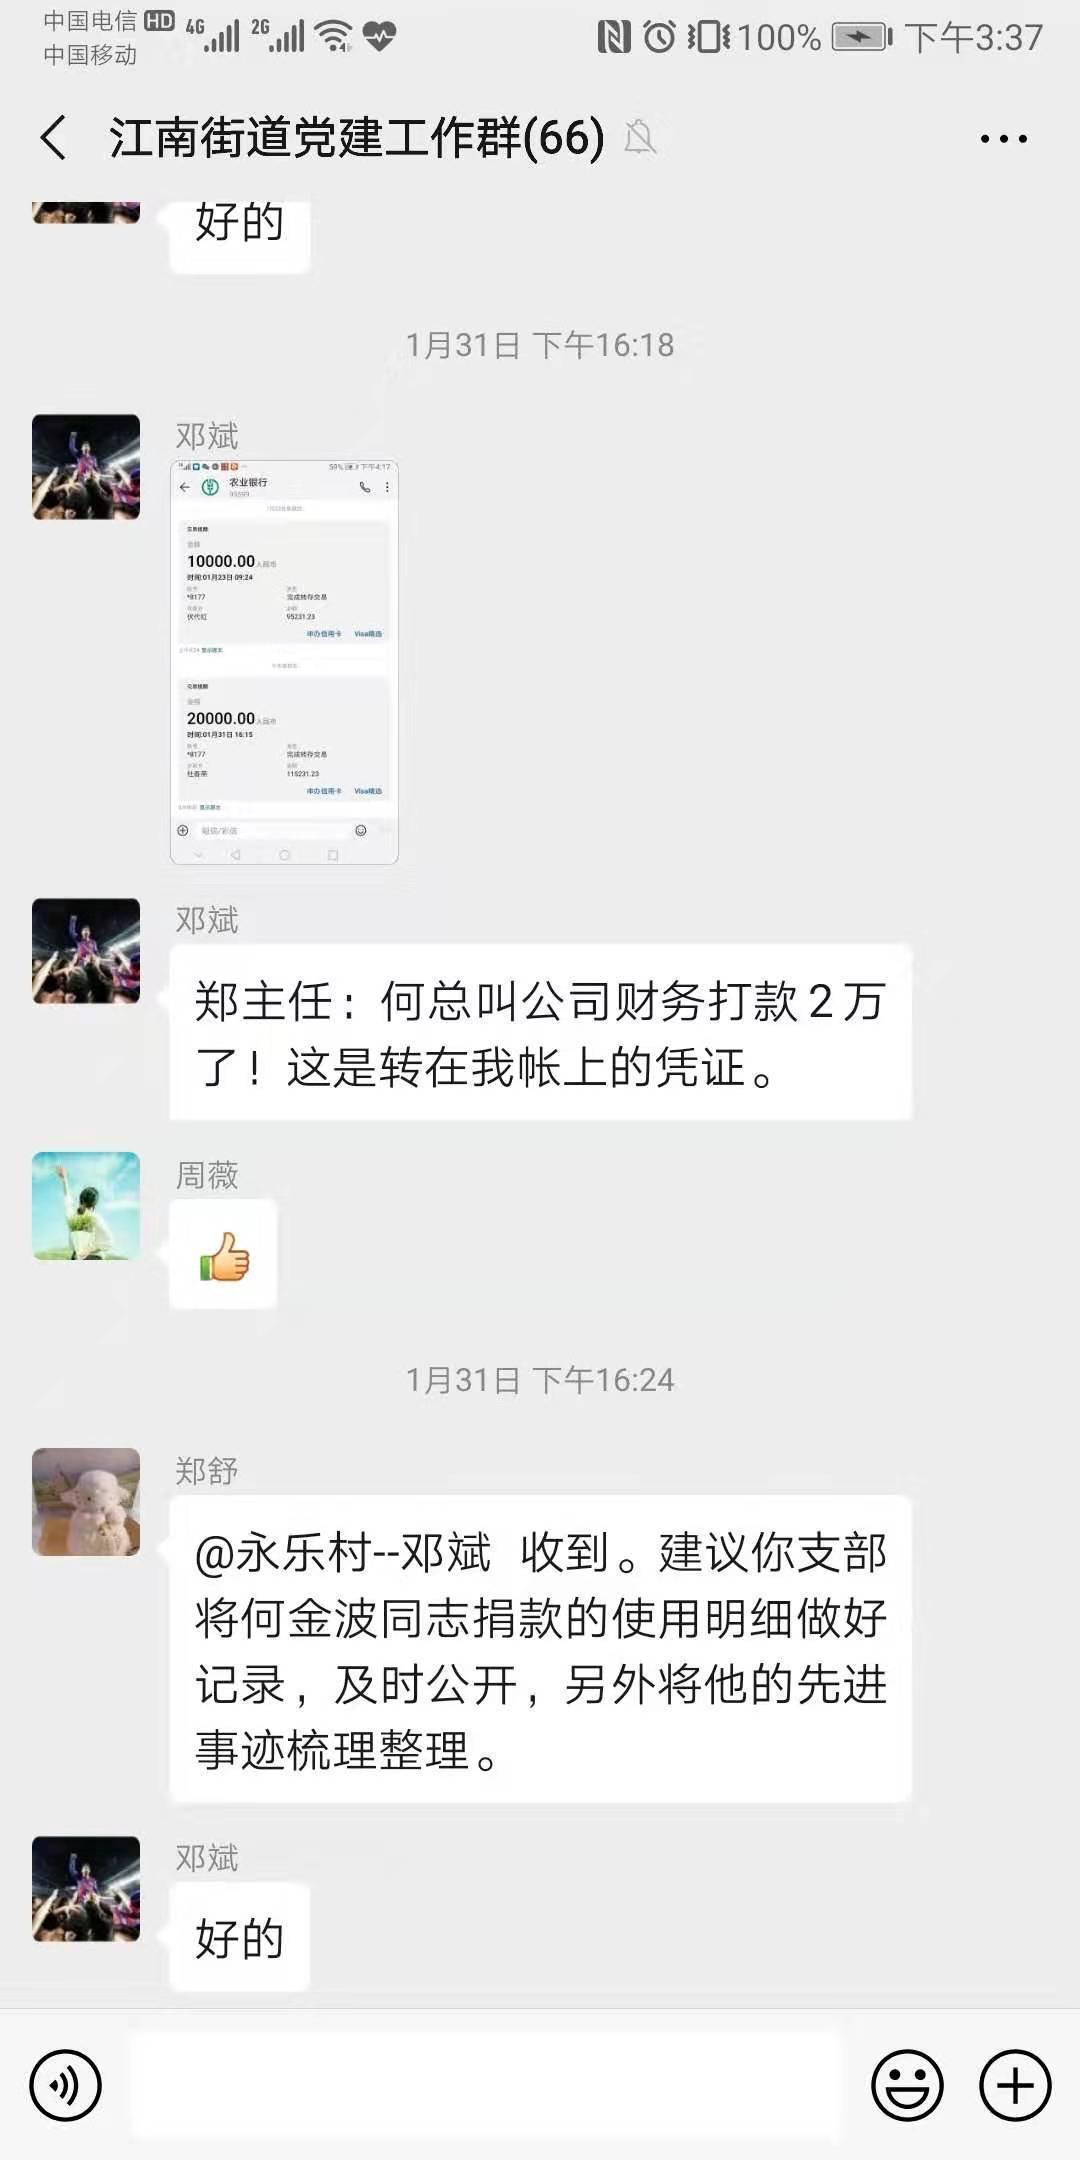 江南永乐村党员企业家何金波捐赠20000元.jpg